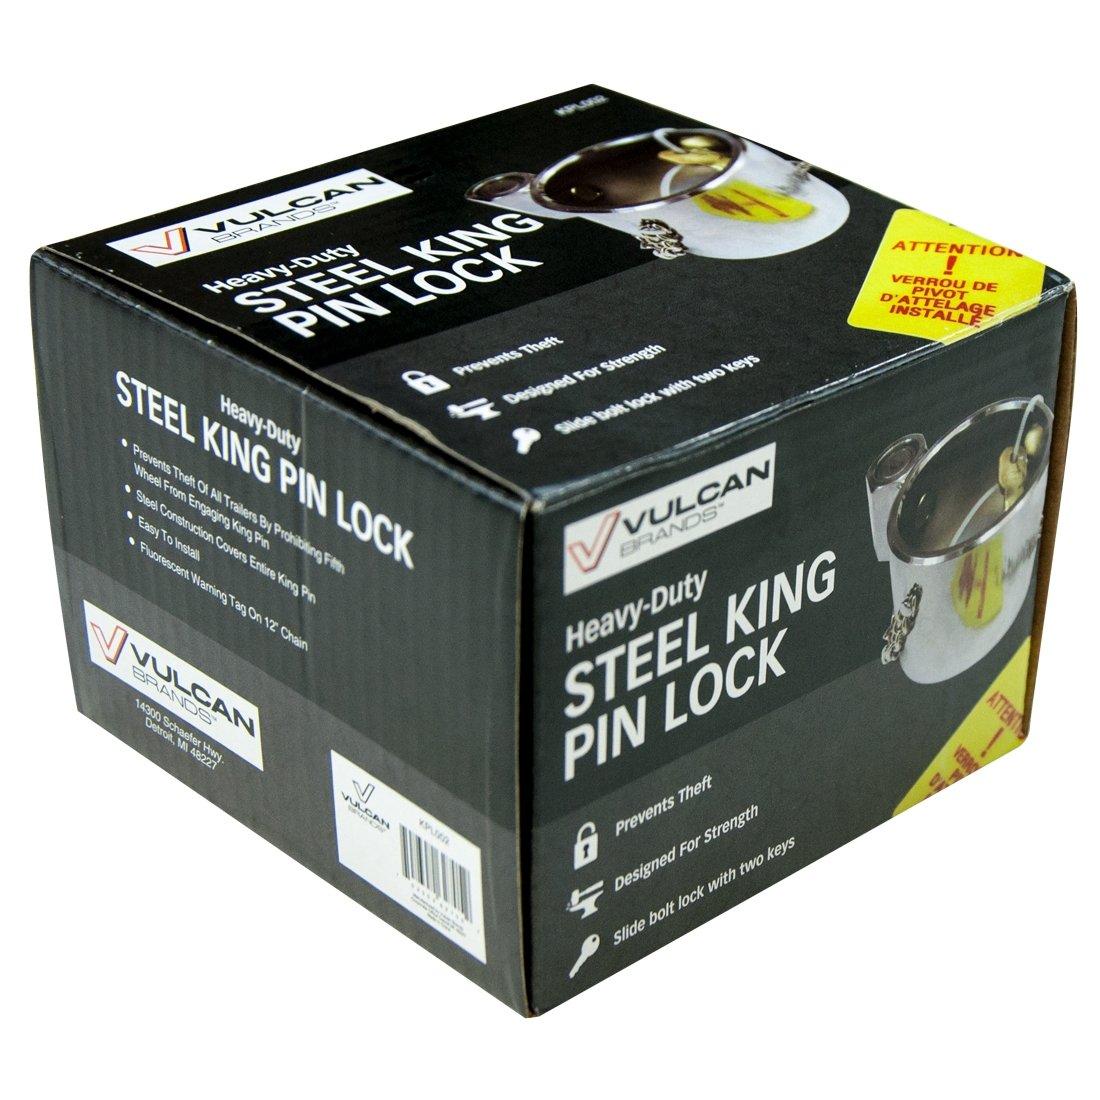 Vulcan Heavy Duty Chromed Steel King Pin Lock 4350431689